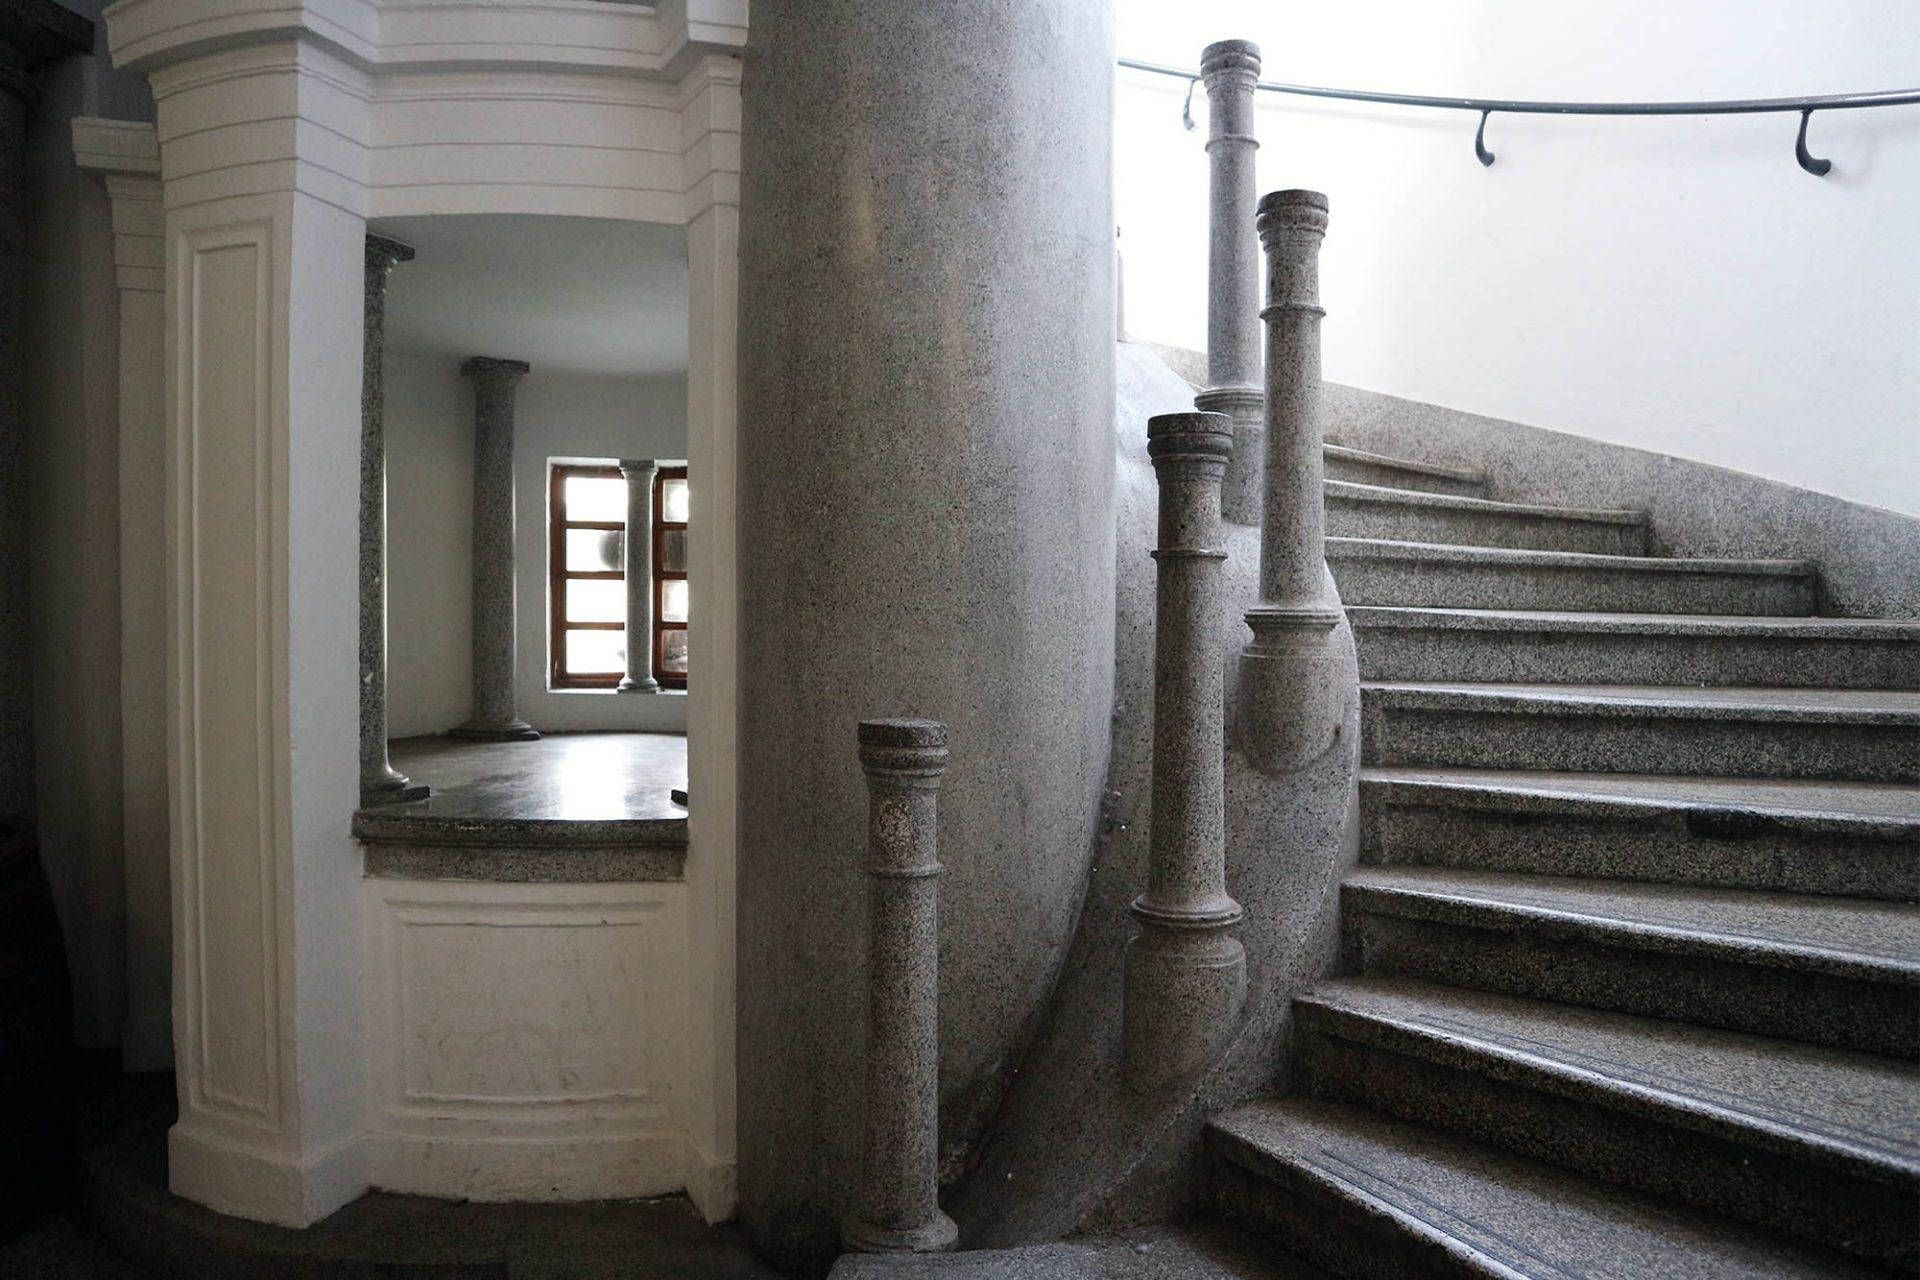 Markthalle. Weiß und grau dominieren auch den Treppenraum hinunter in die Markthallen.